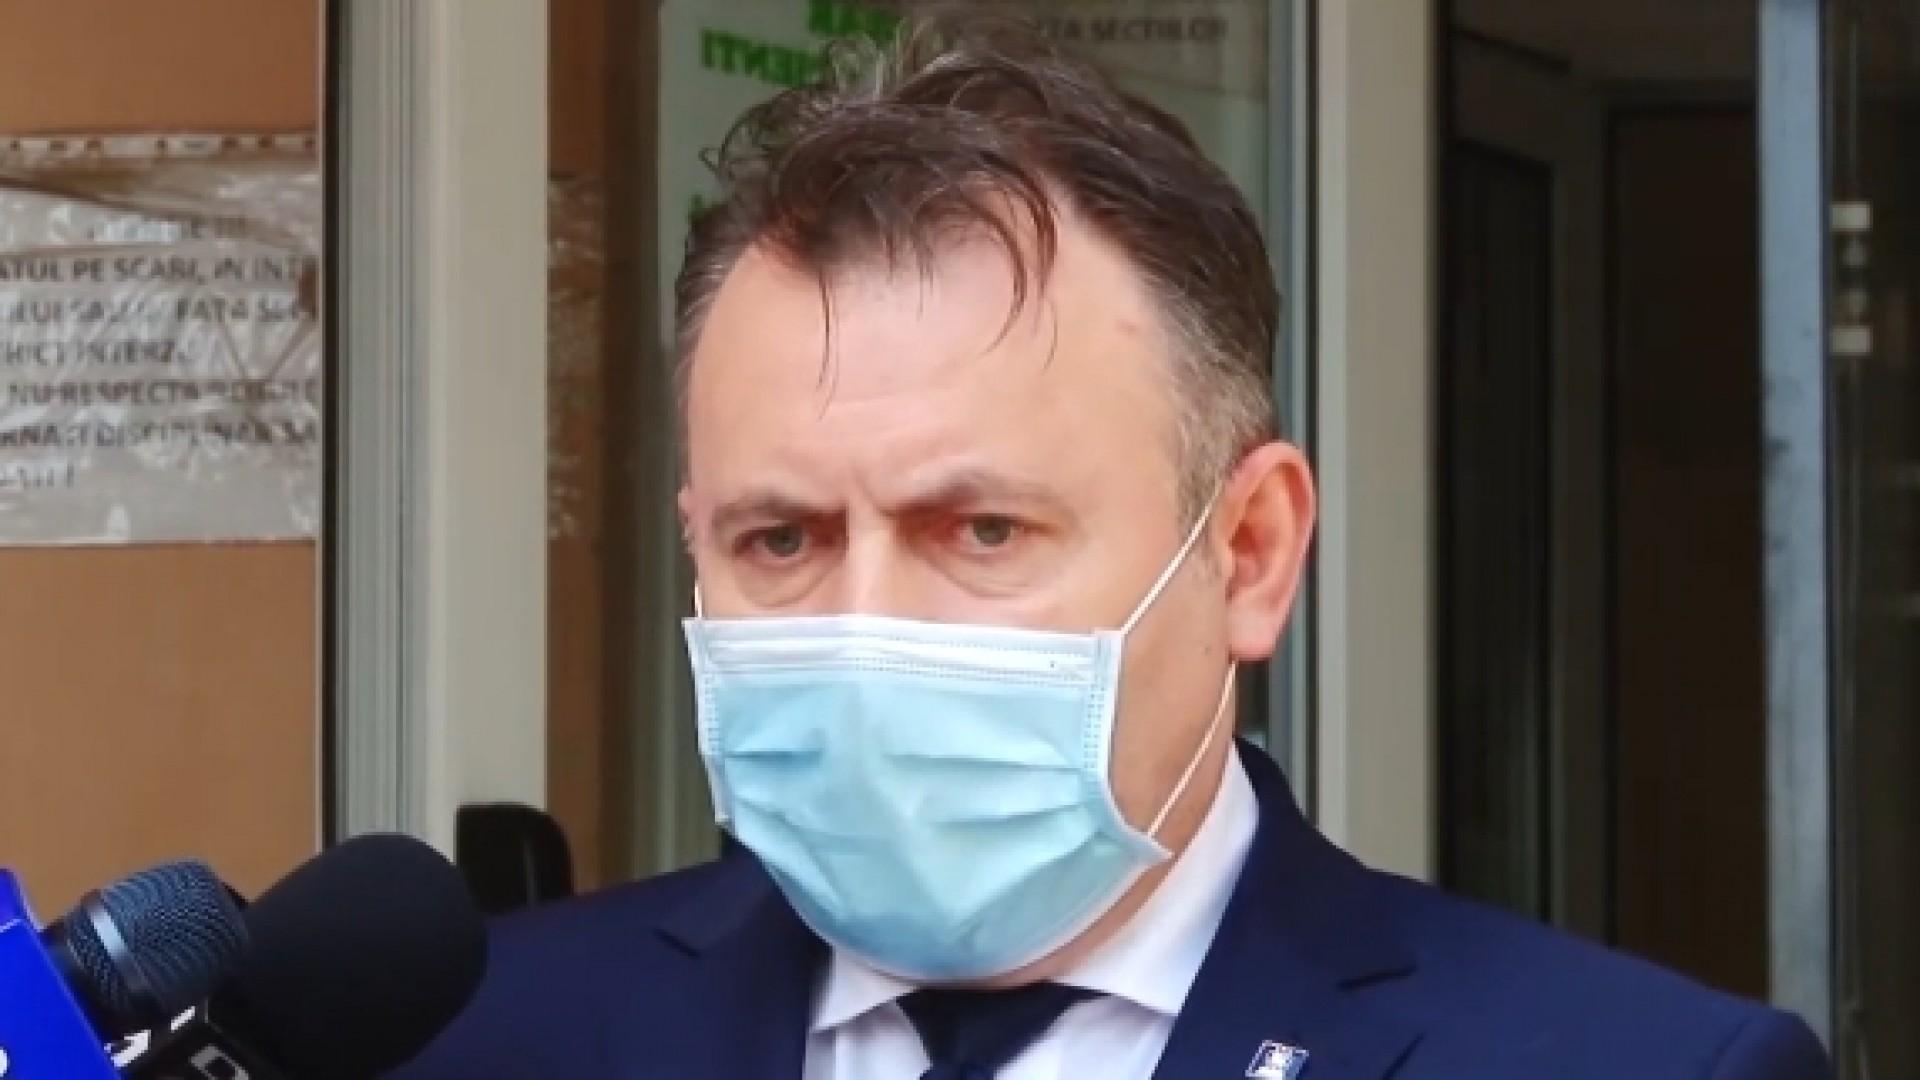 Tătaru: Vârful epidemiei în România ar trebui să rămână la 10.000-12.000 de cazuri, dacă s-au respectat condiţiile de Paşte